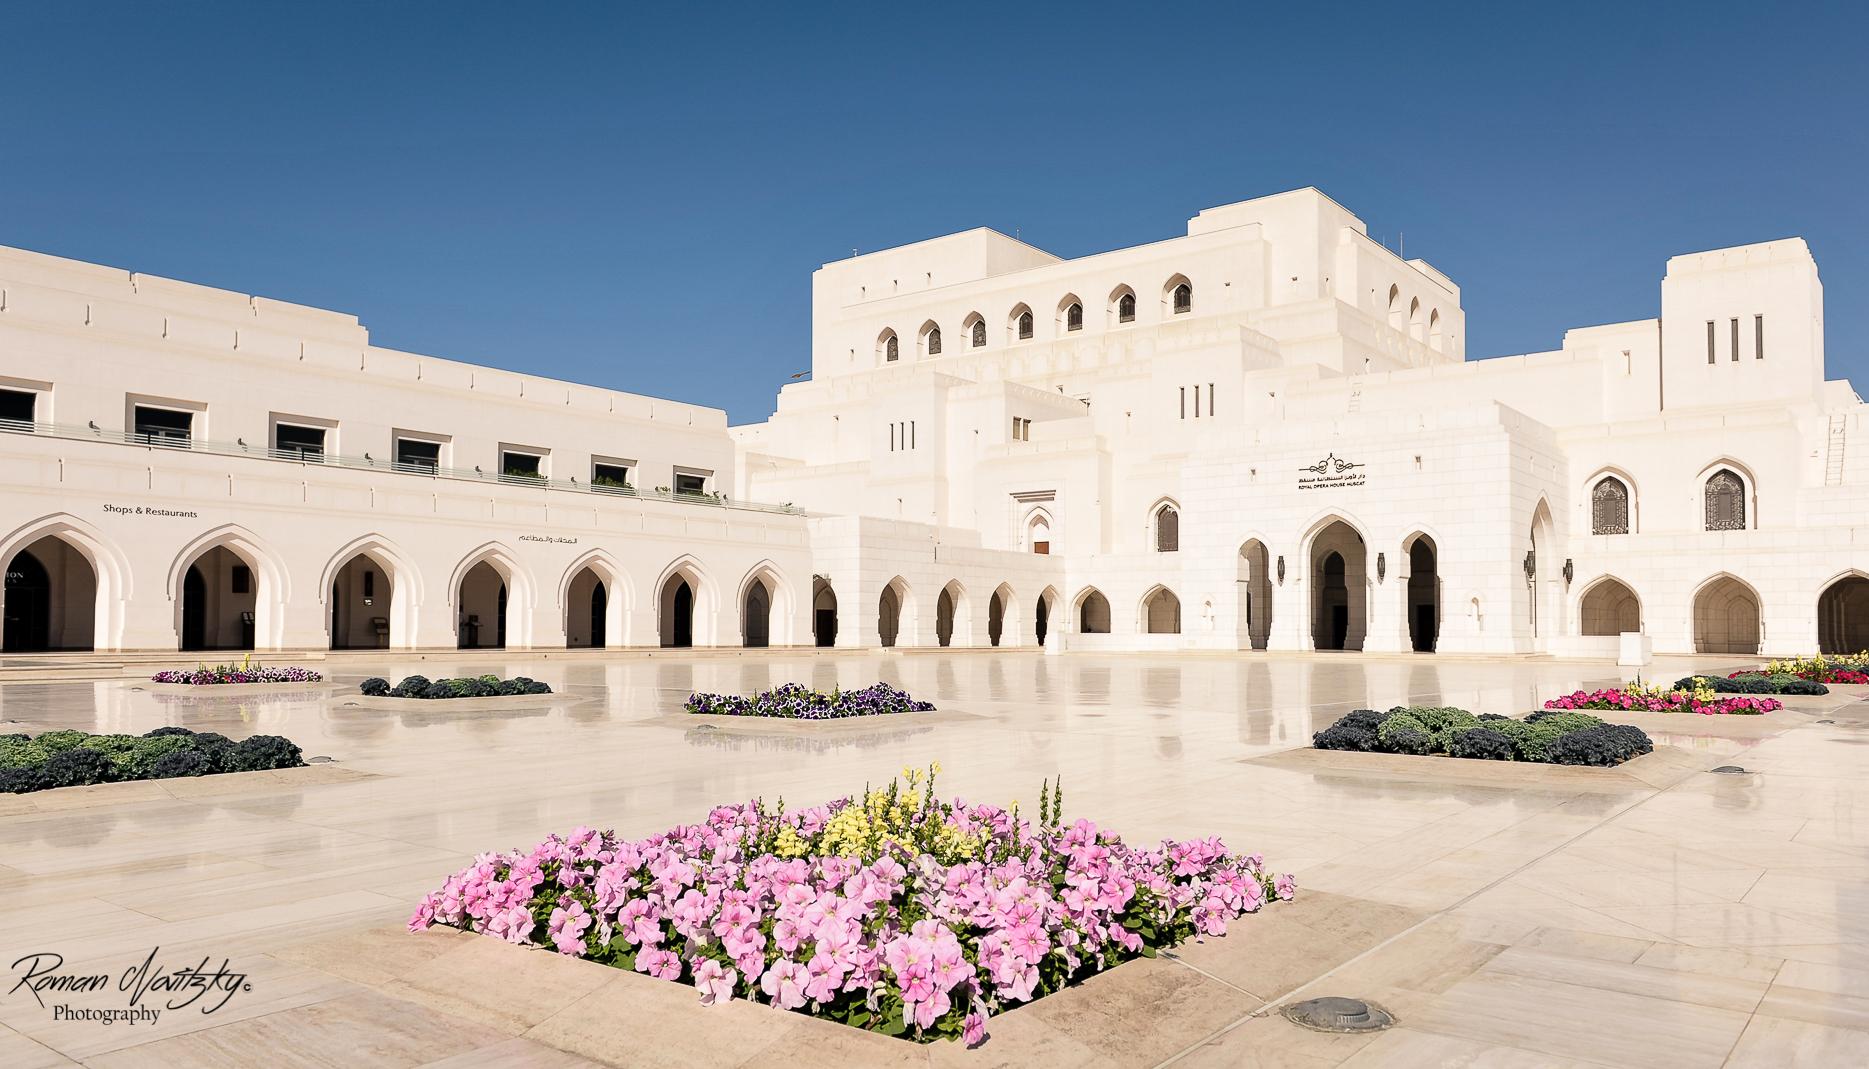 Royal Opera House - Muscat - Oman